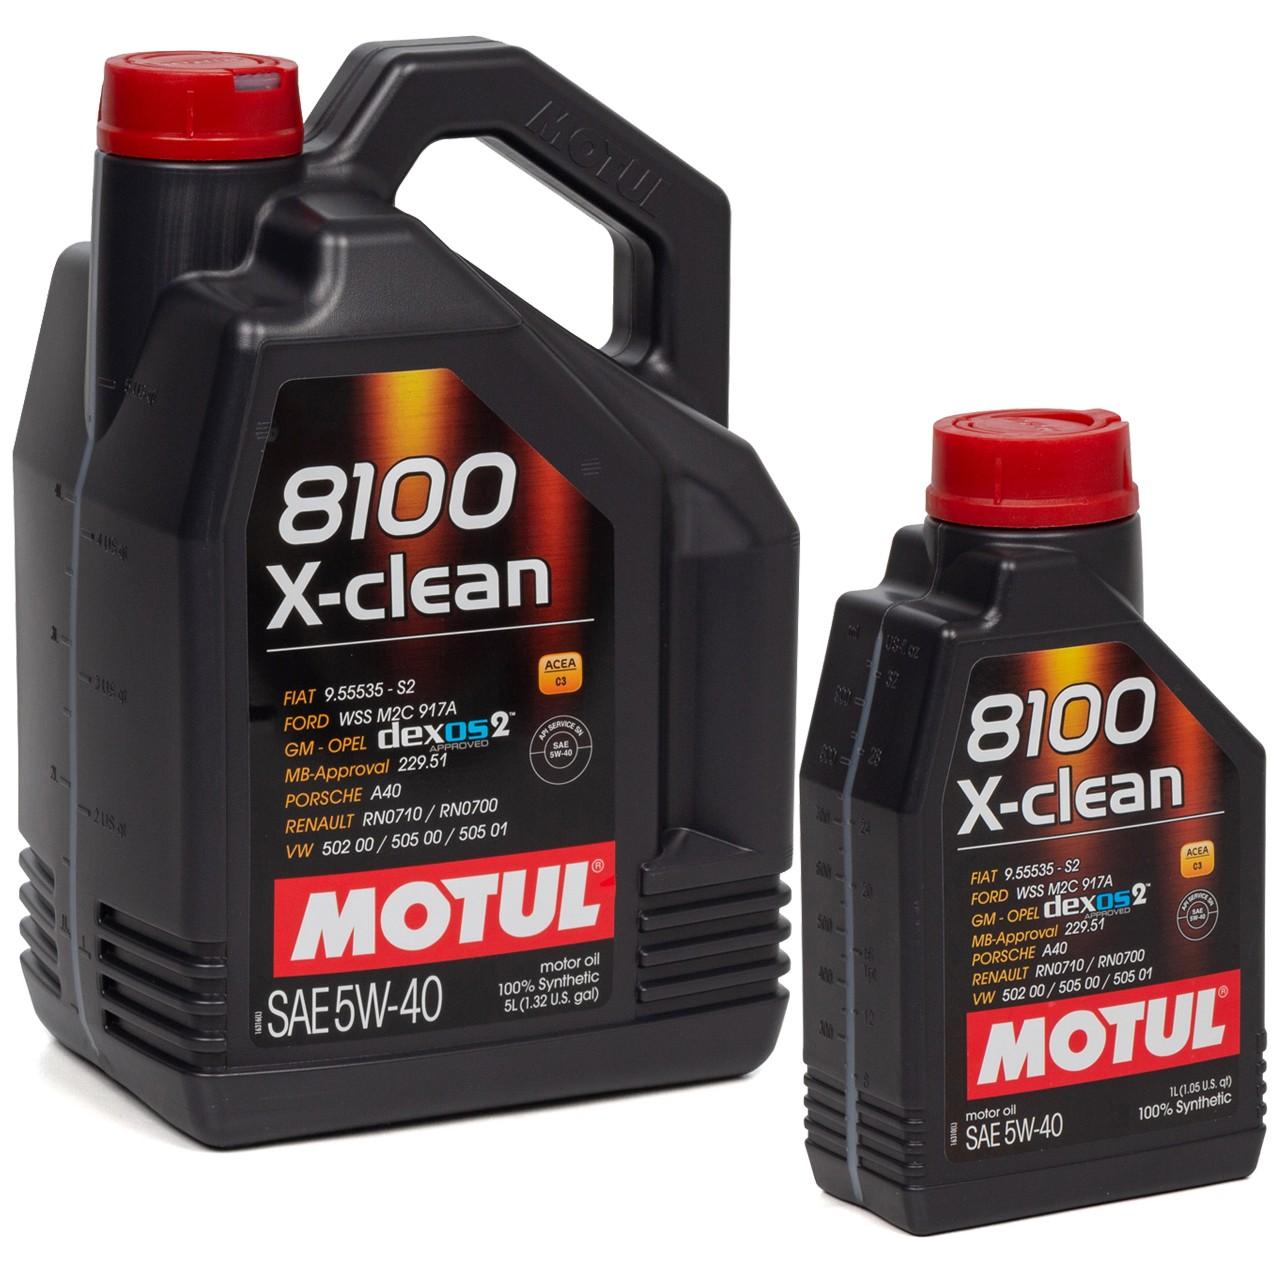 MOTUL 8100 X-Clean Motoröl Öl 5W40 dexos2 VW 502.00/505.00/505.01 - 6L 6 Liter